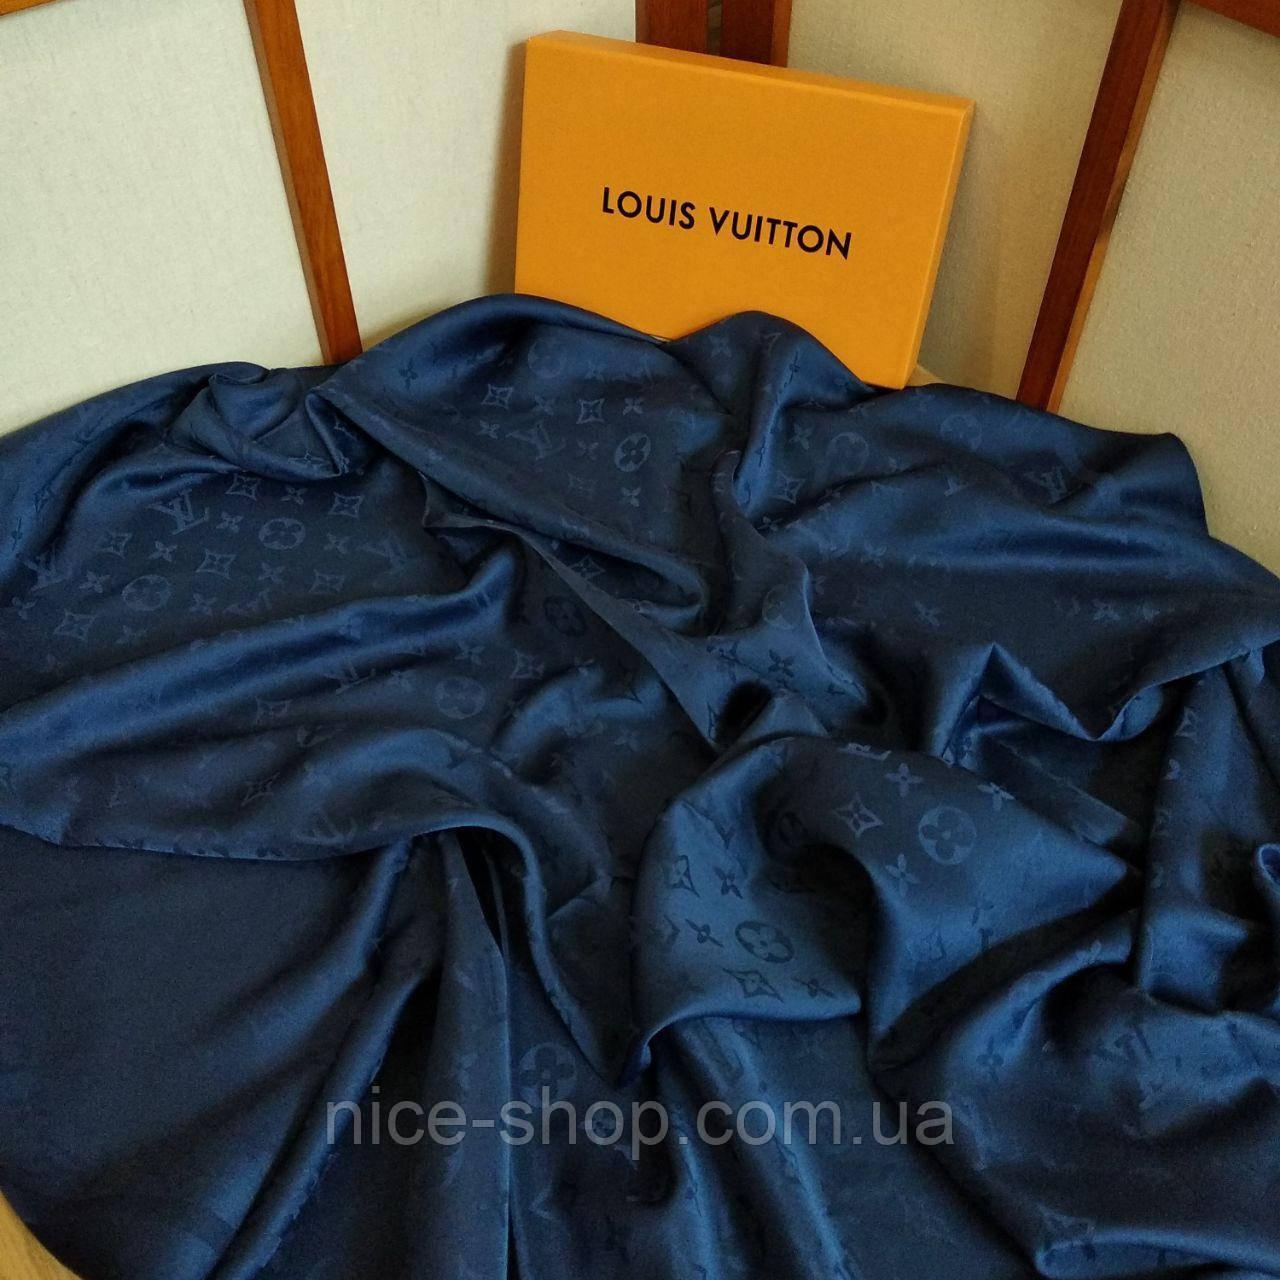 Платок Louis Vuitton шелк темно-синий